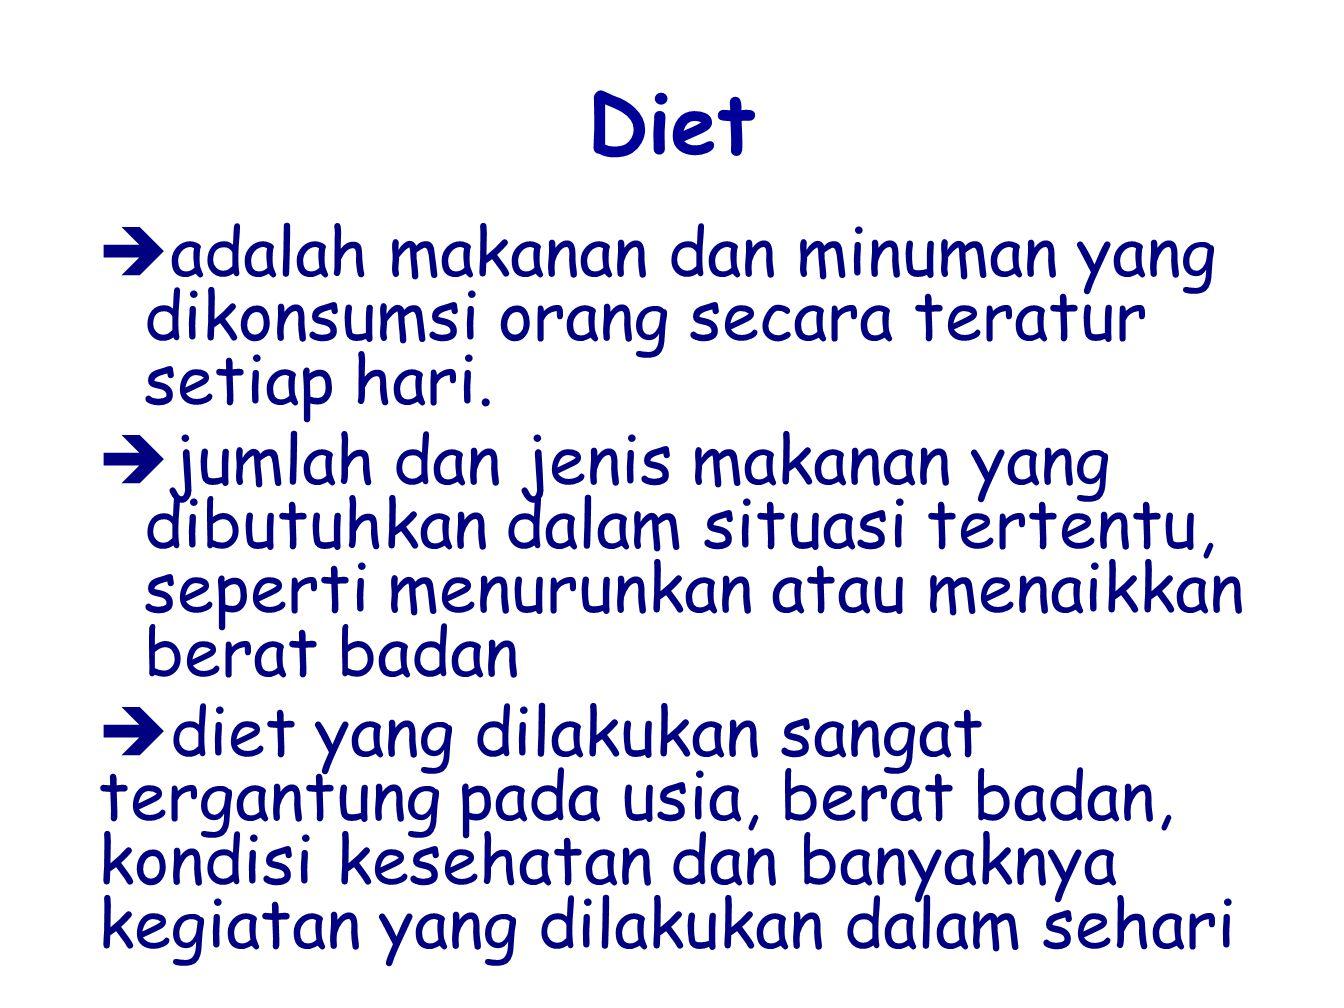 Diet  adalah makanan dan minuman yang dikonsumsi orang secara teratur setiap hari.  jumlah dan jenis makanan yang dibutuhkan dalam situasi tertentu,